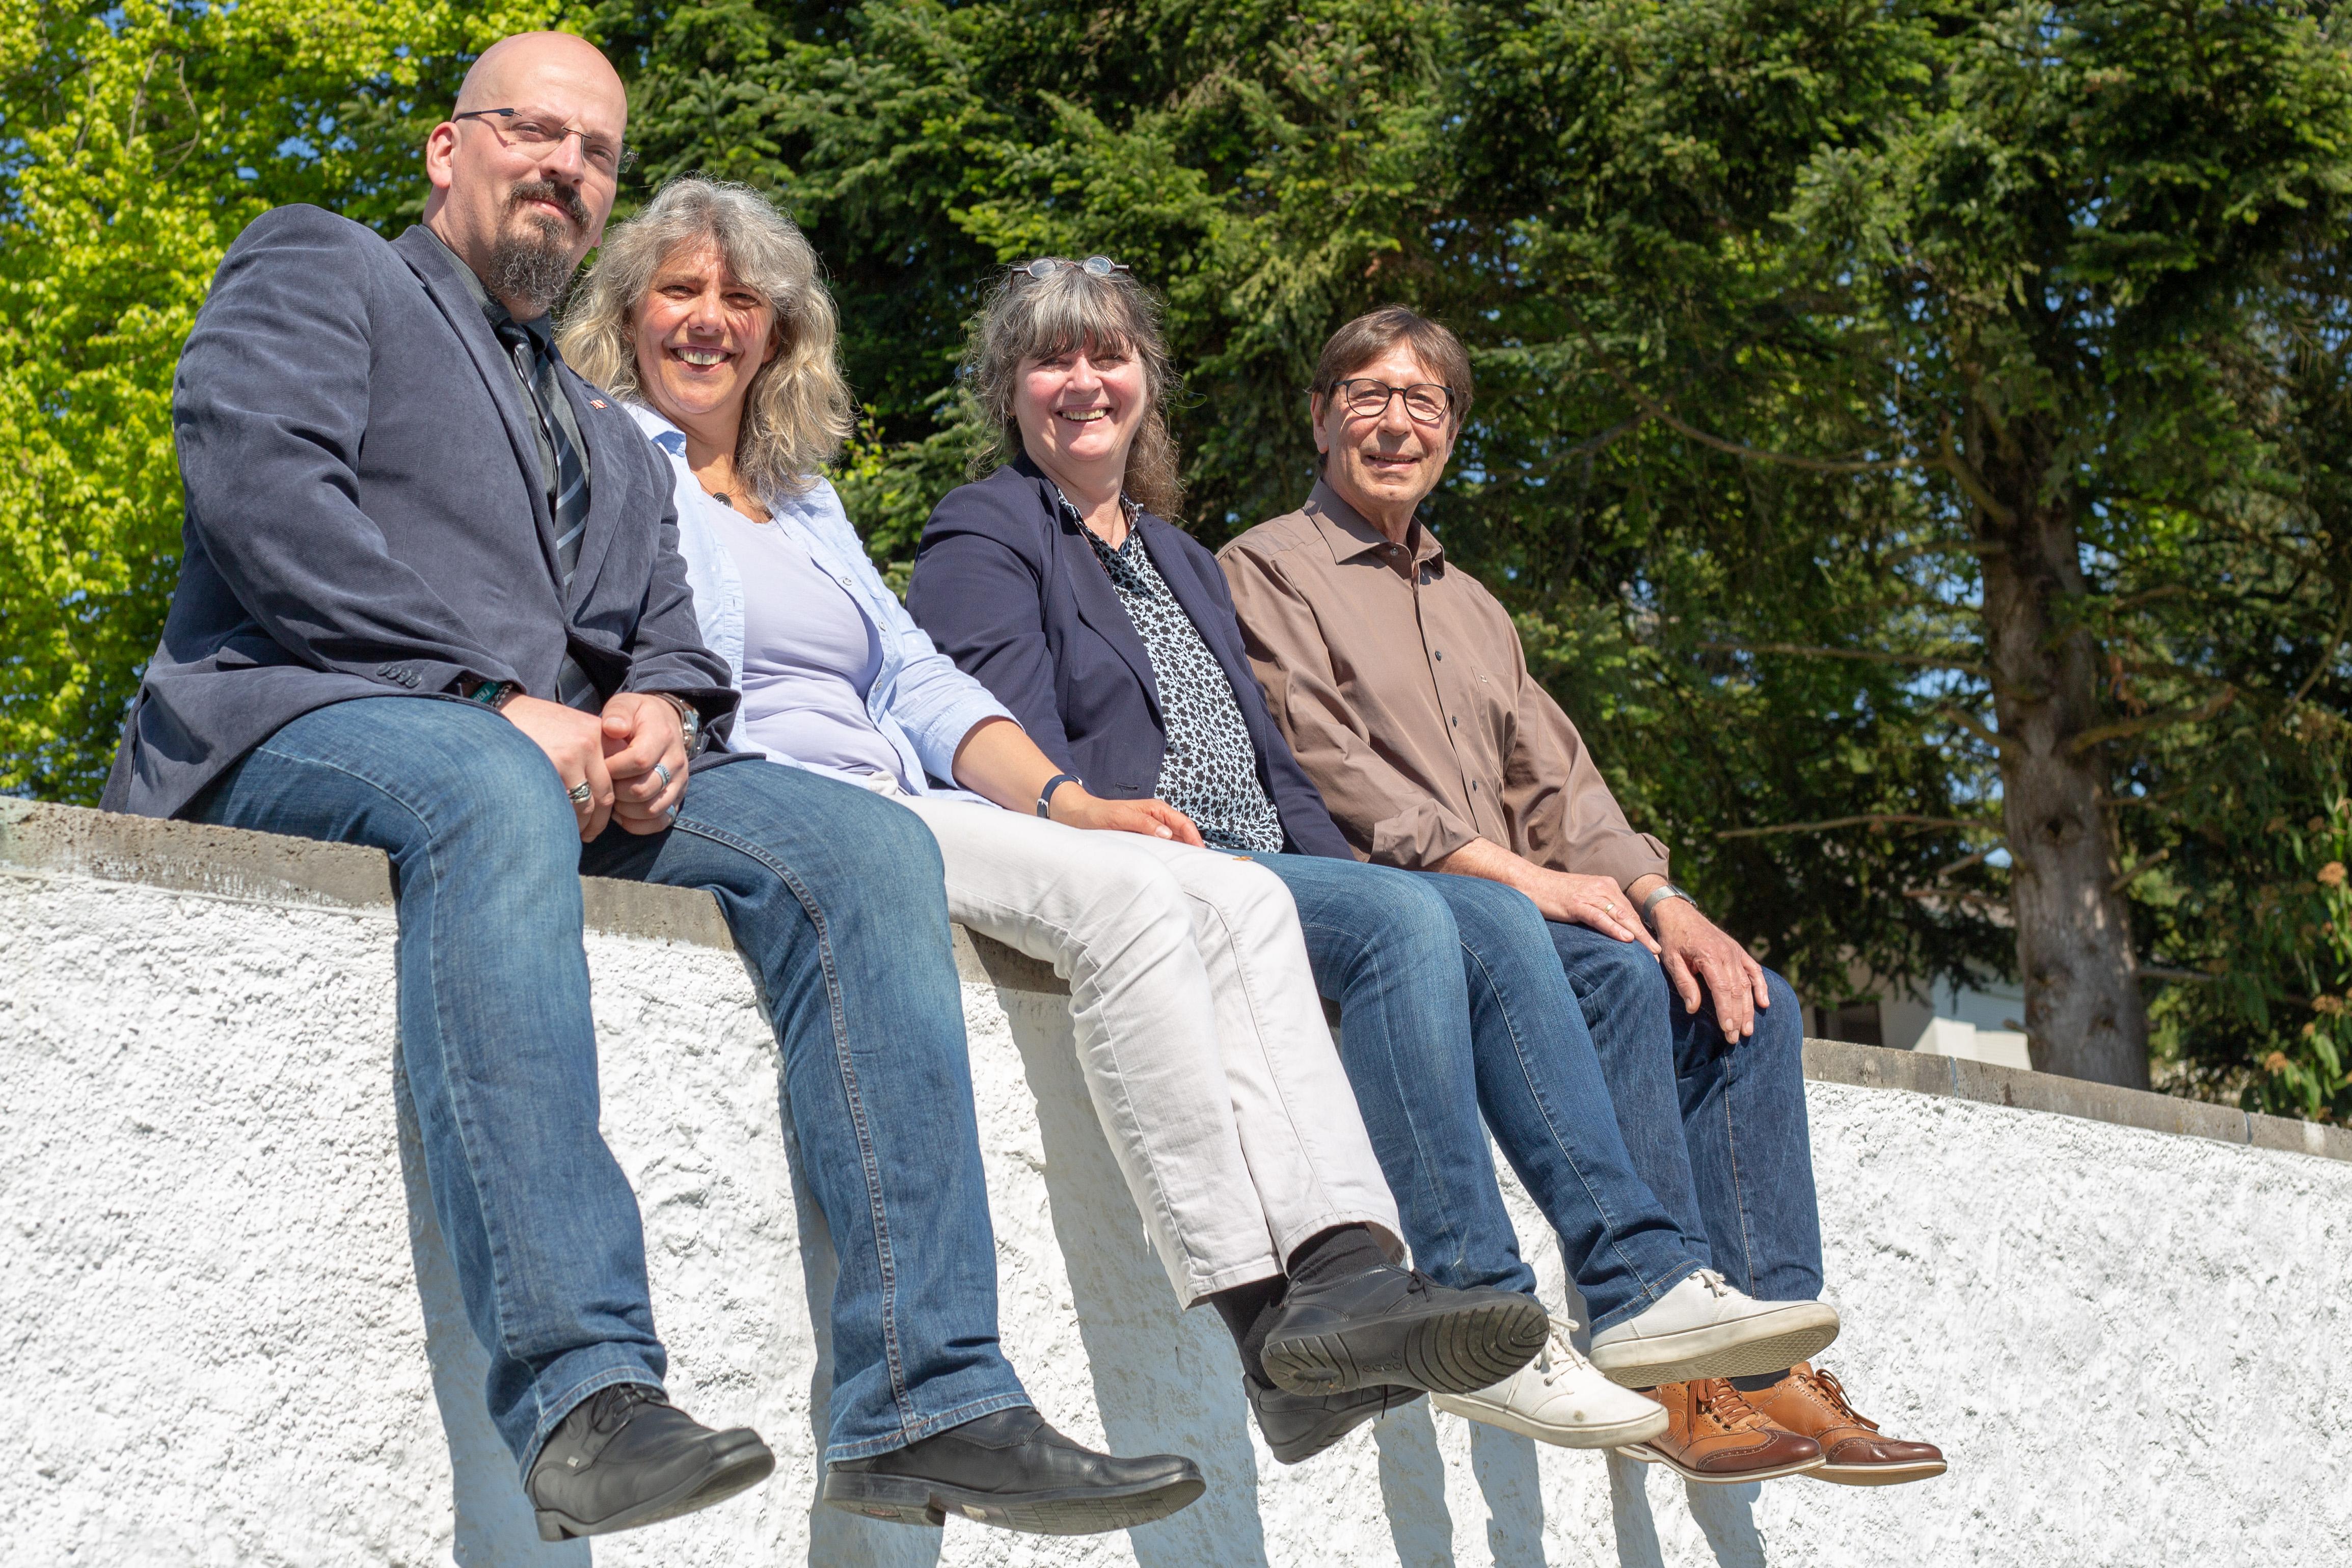 Neuwahlen beim Deutschen-Katecheten Verein/ Delegiertenversammlung wählt vier neue Vorstandsmitglieder/ Marion Schöber als Vorsitzende einstimmig wiedergewählt